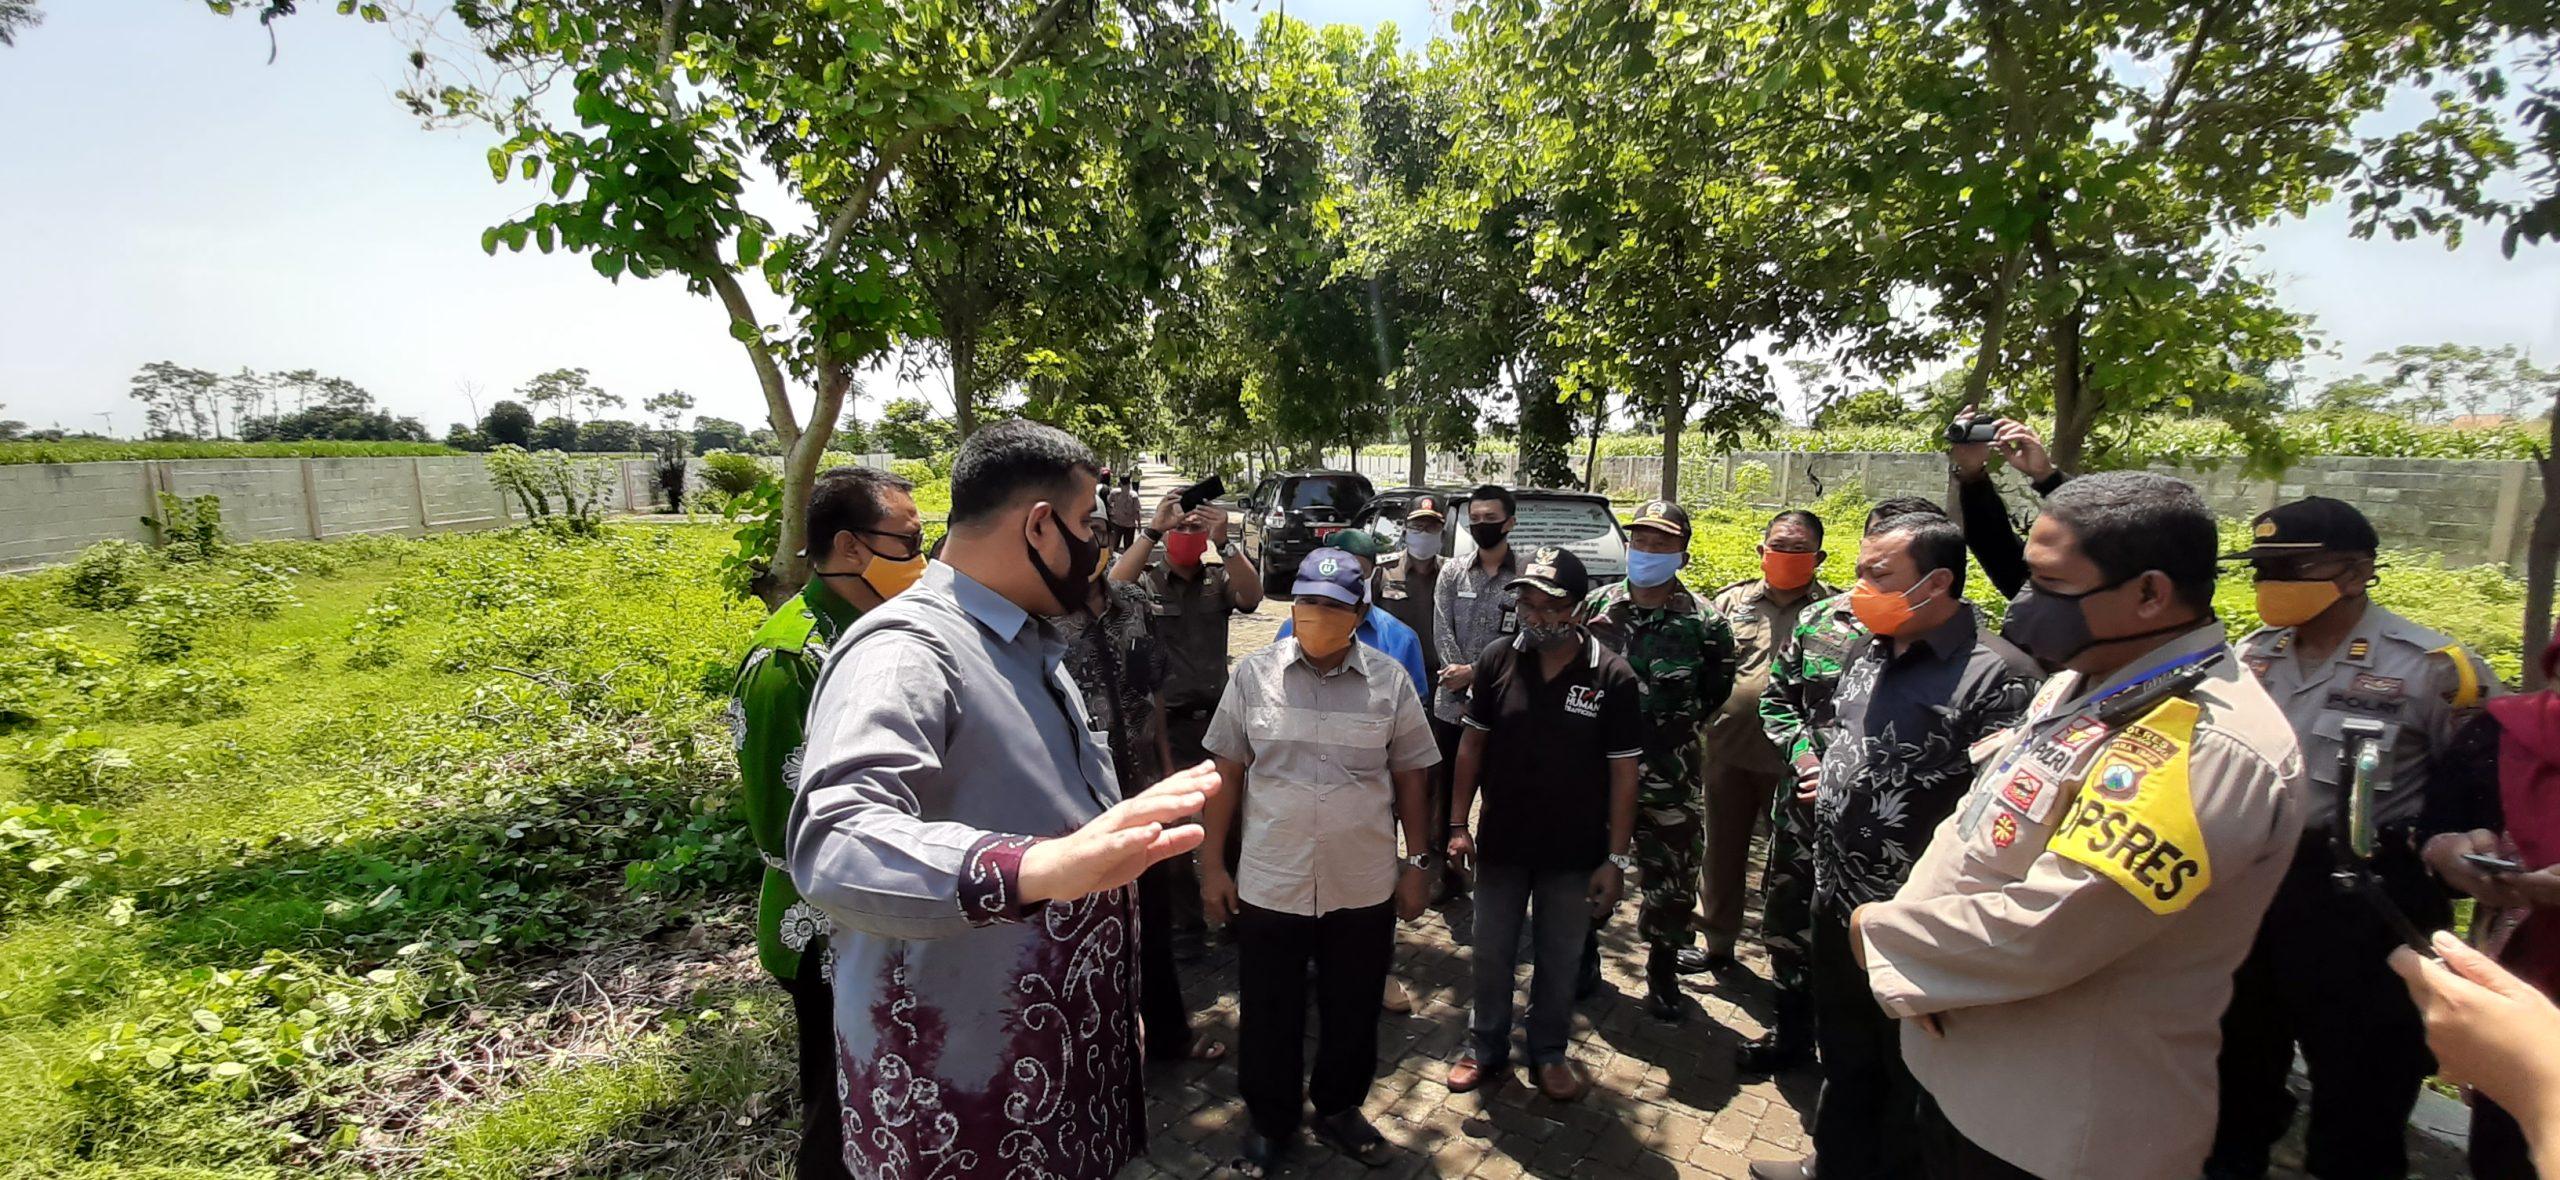 Pemkot Bersama Forkopimda Kota Probolinggo Siapkan TPU Orang Meninggal Dunia Akibat Covid - 19